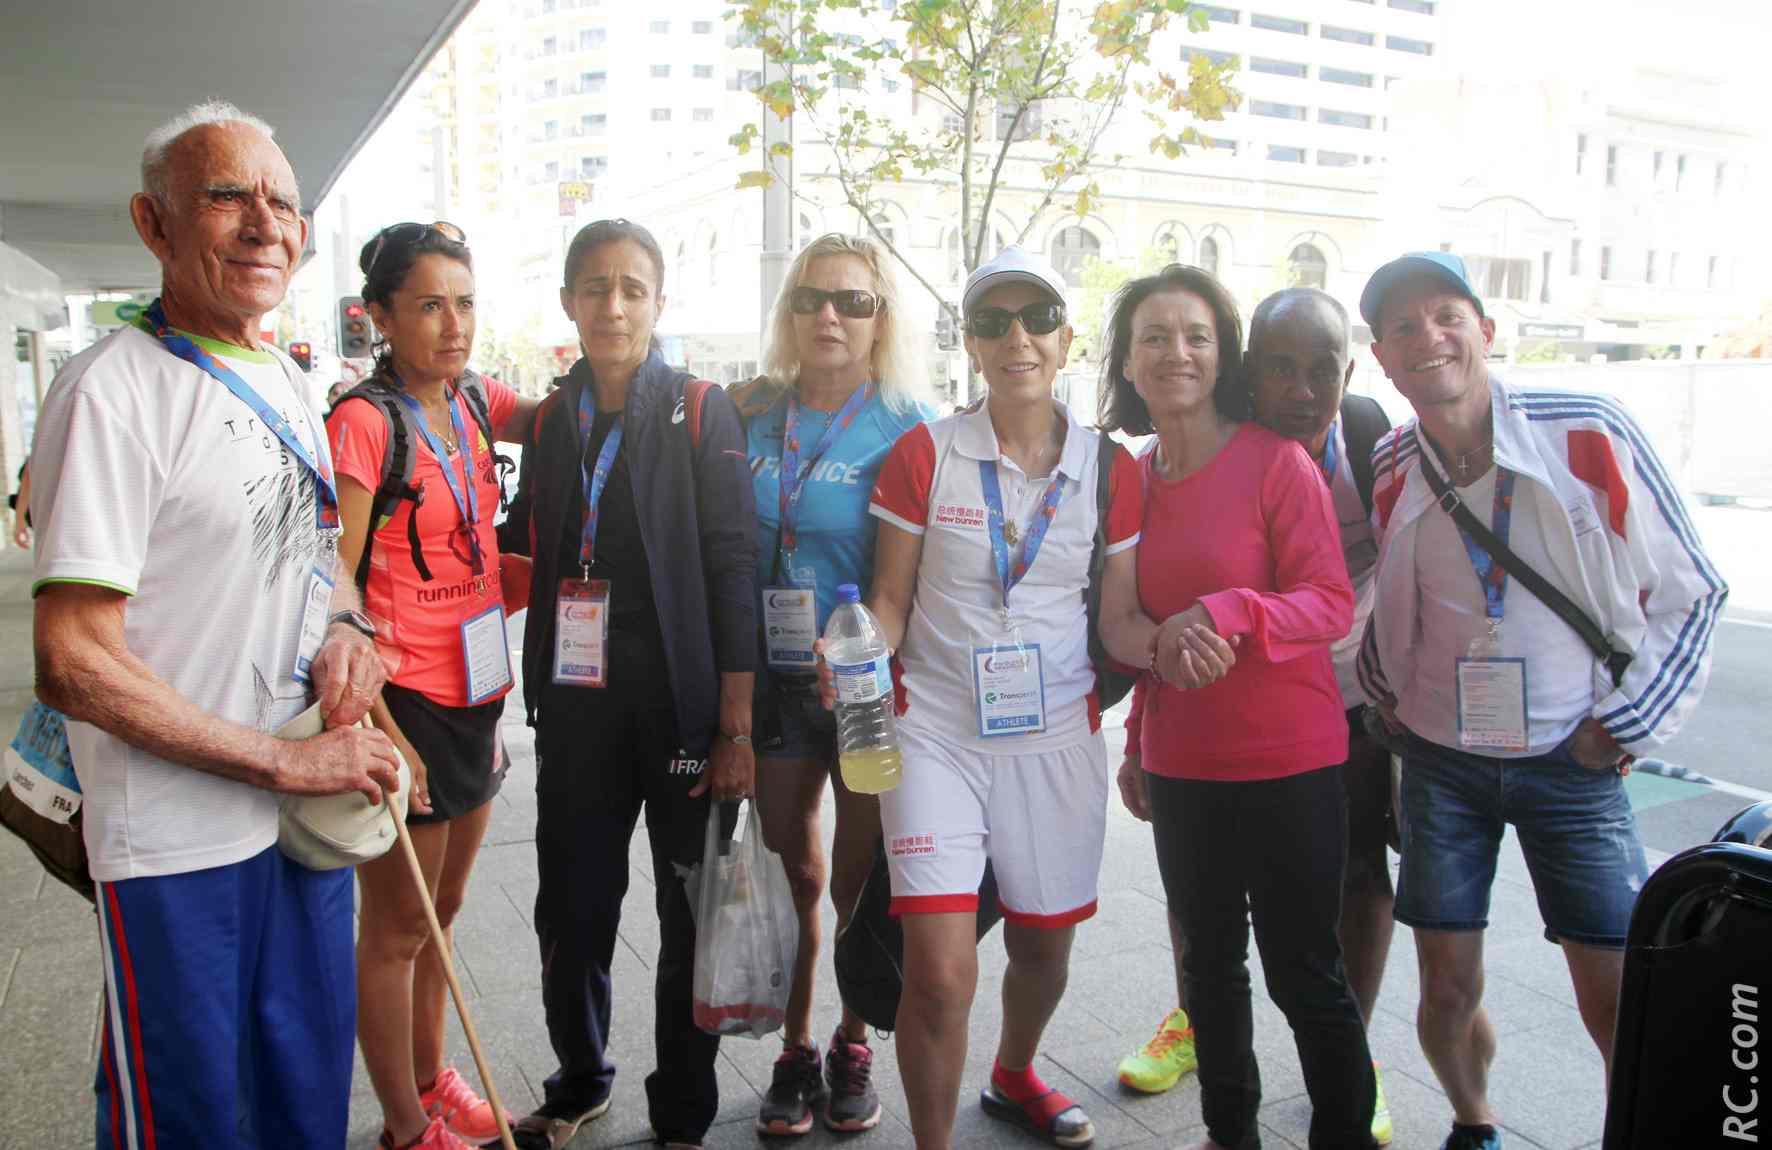 Des athlètes françaises rencontrées dans les rues de Perth